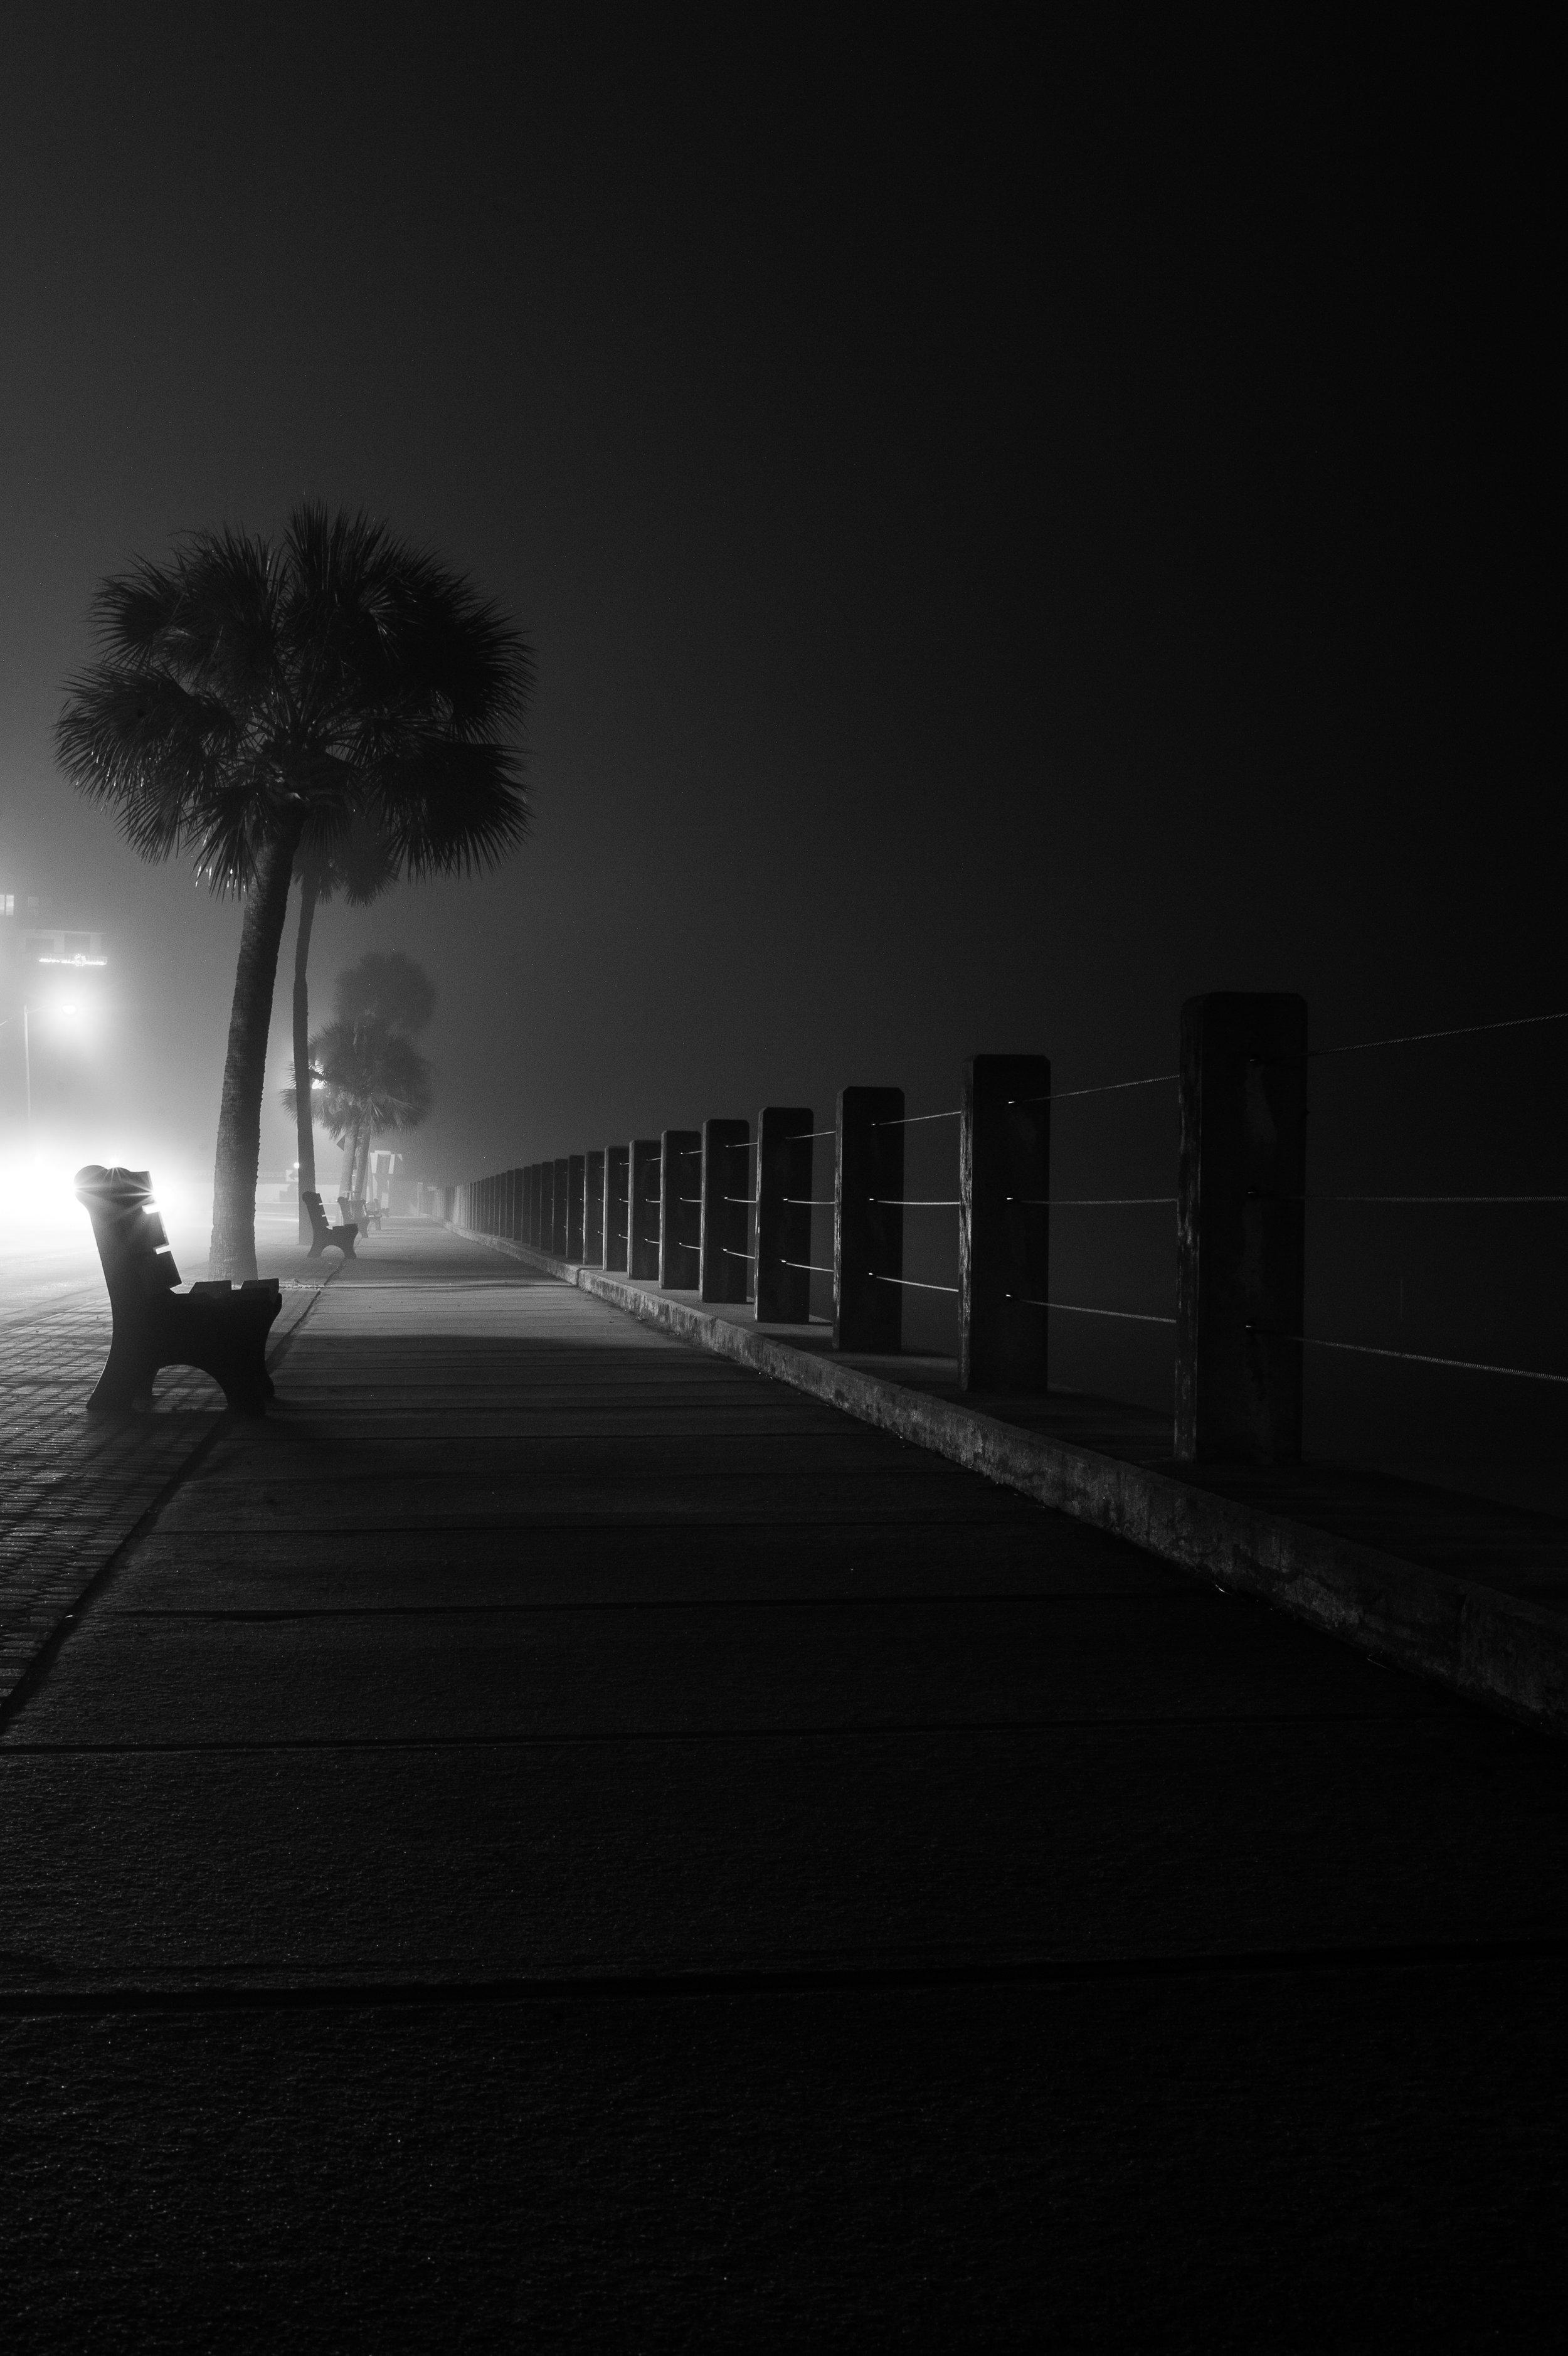 beach drive bench in fog bw-1.jpg